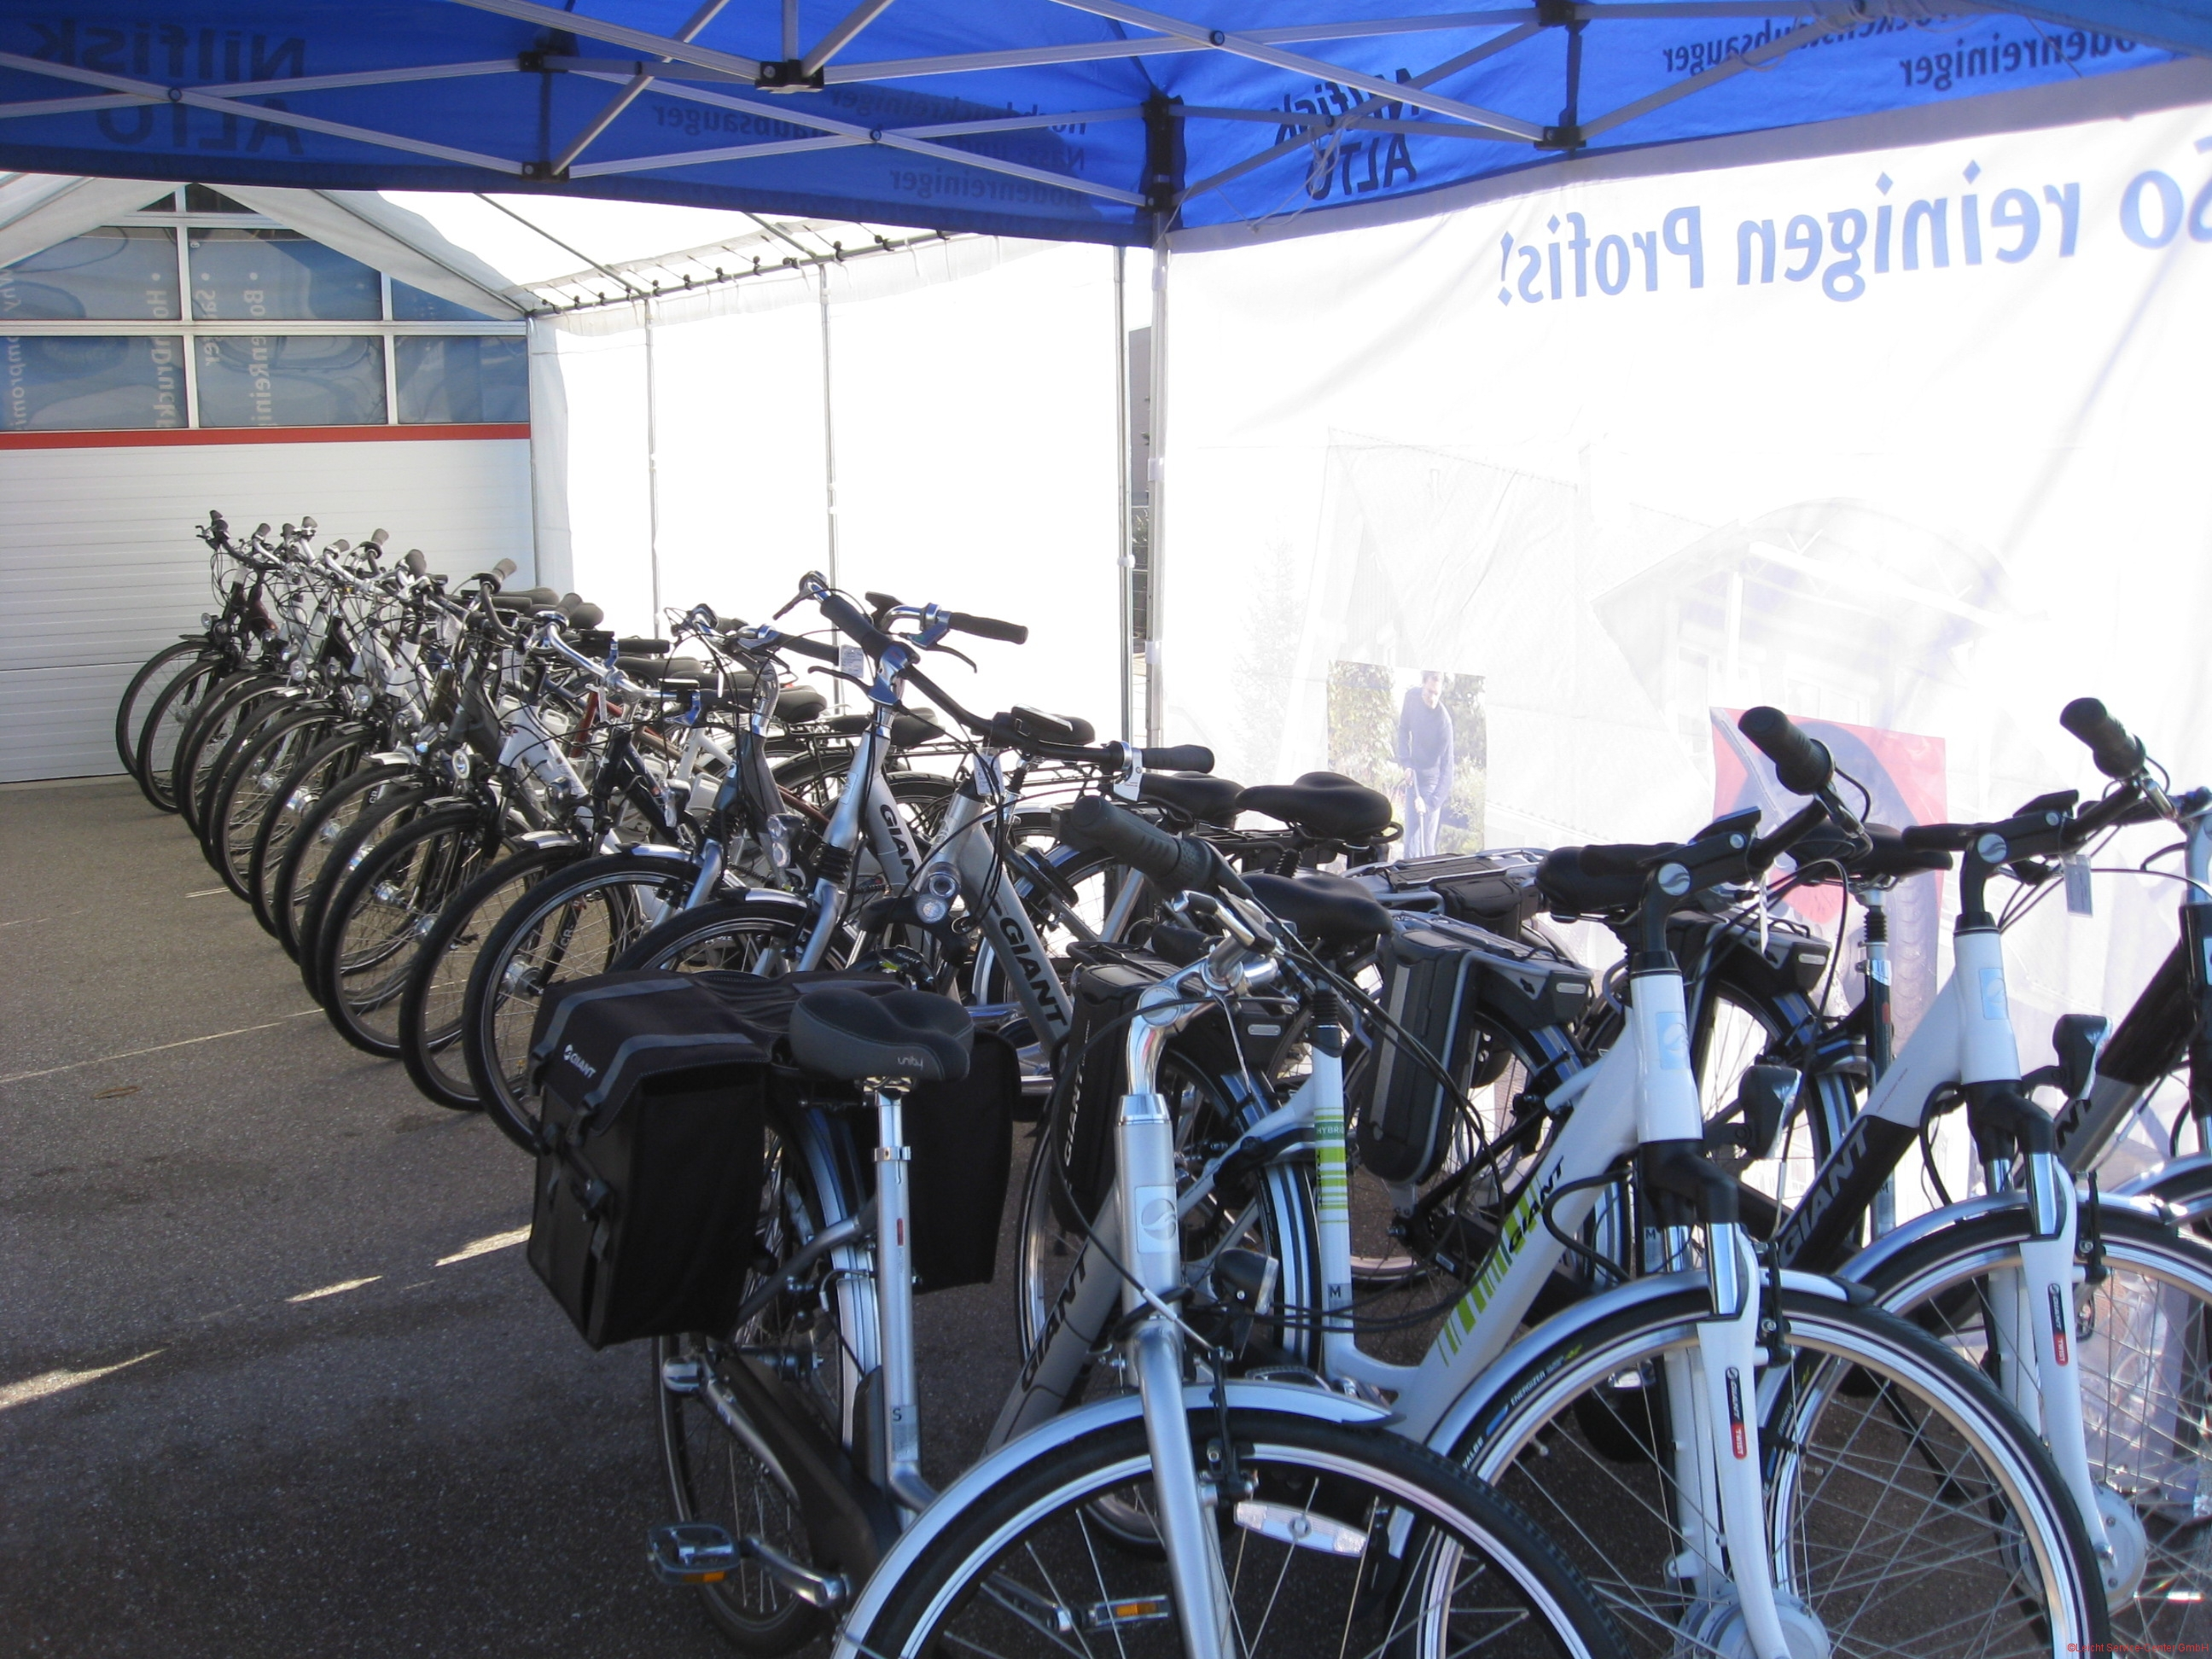 Fahrrad-Sonderschau 2011-03-20 11-07-47